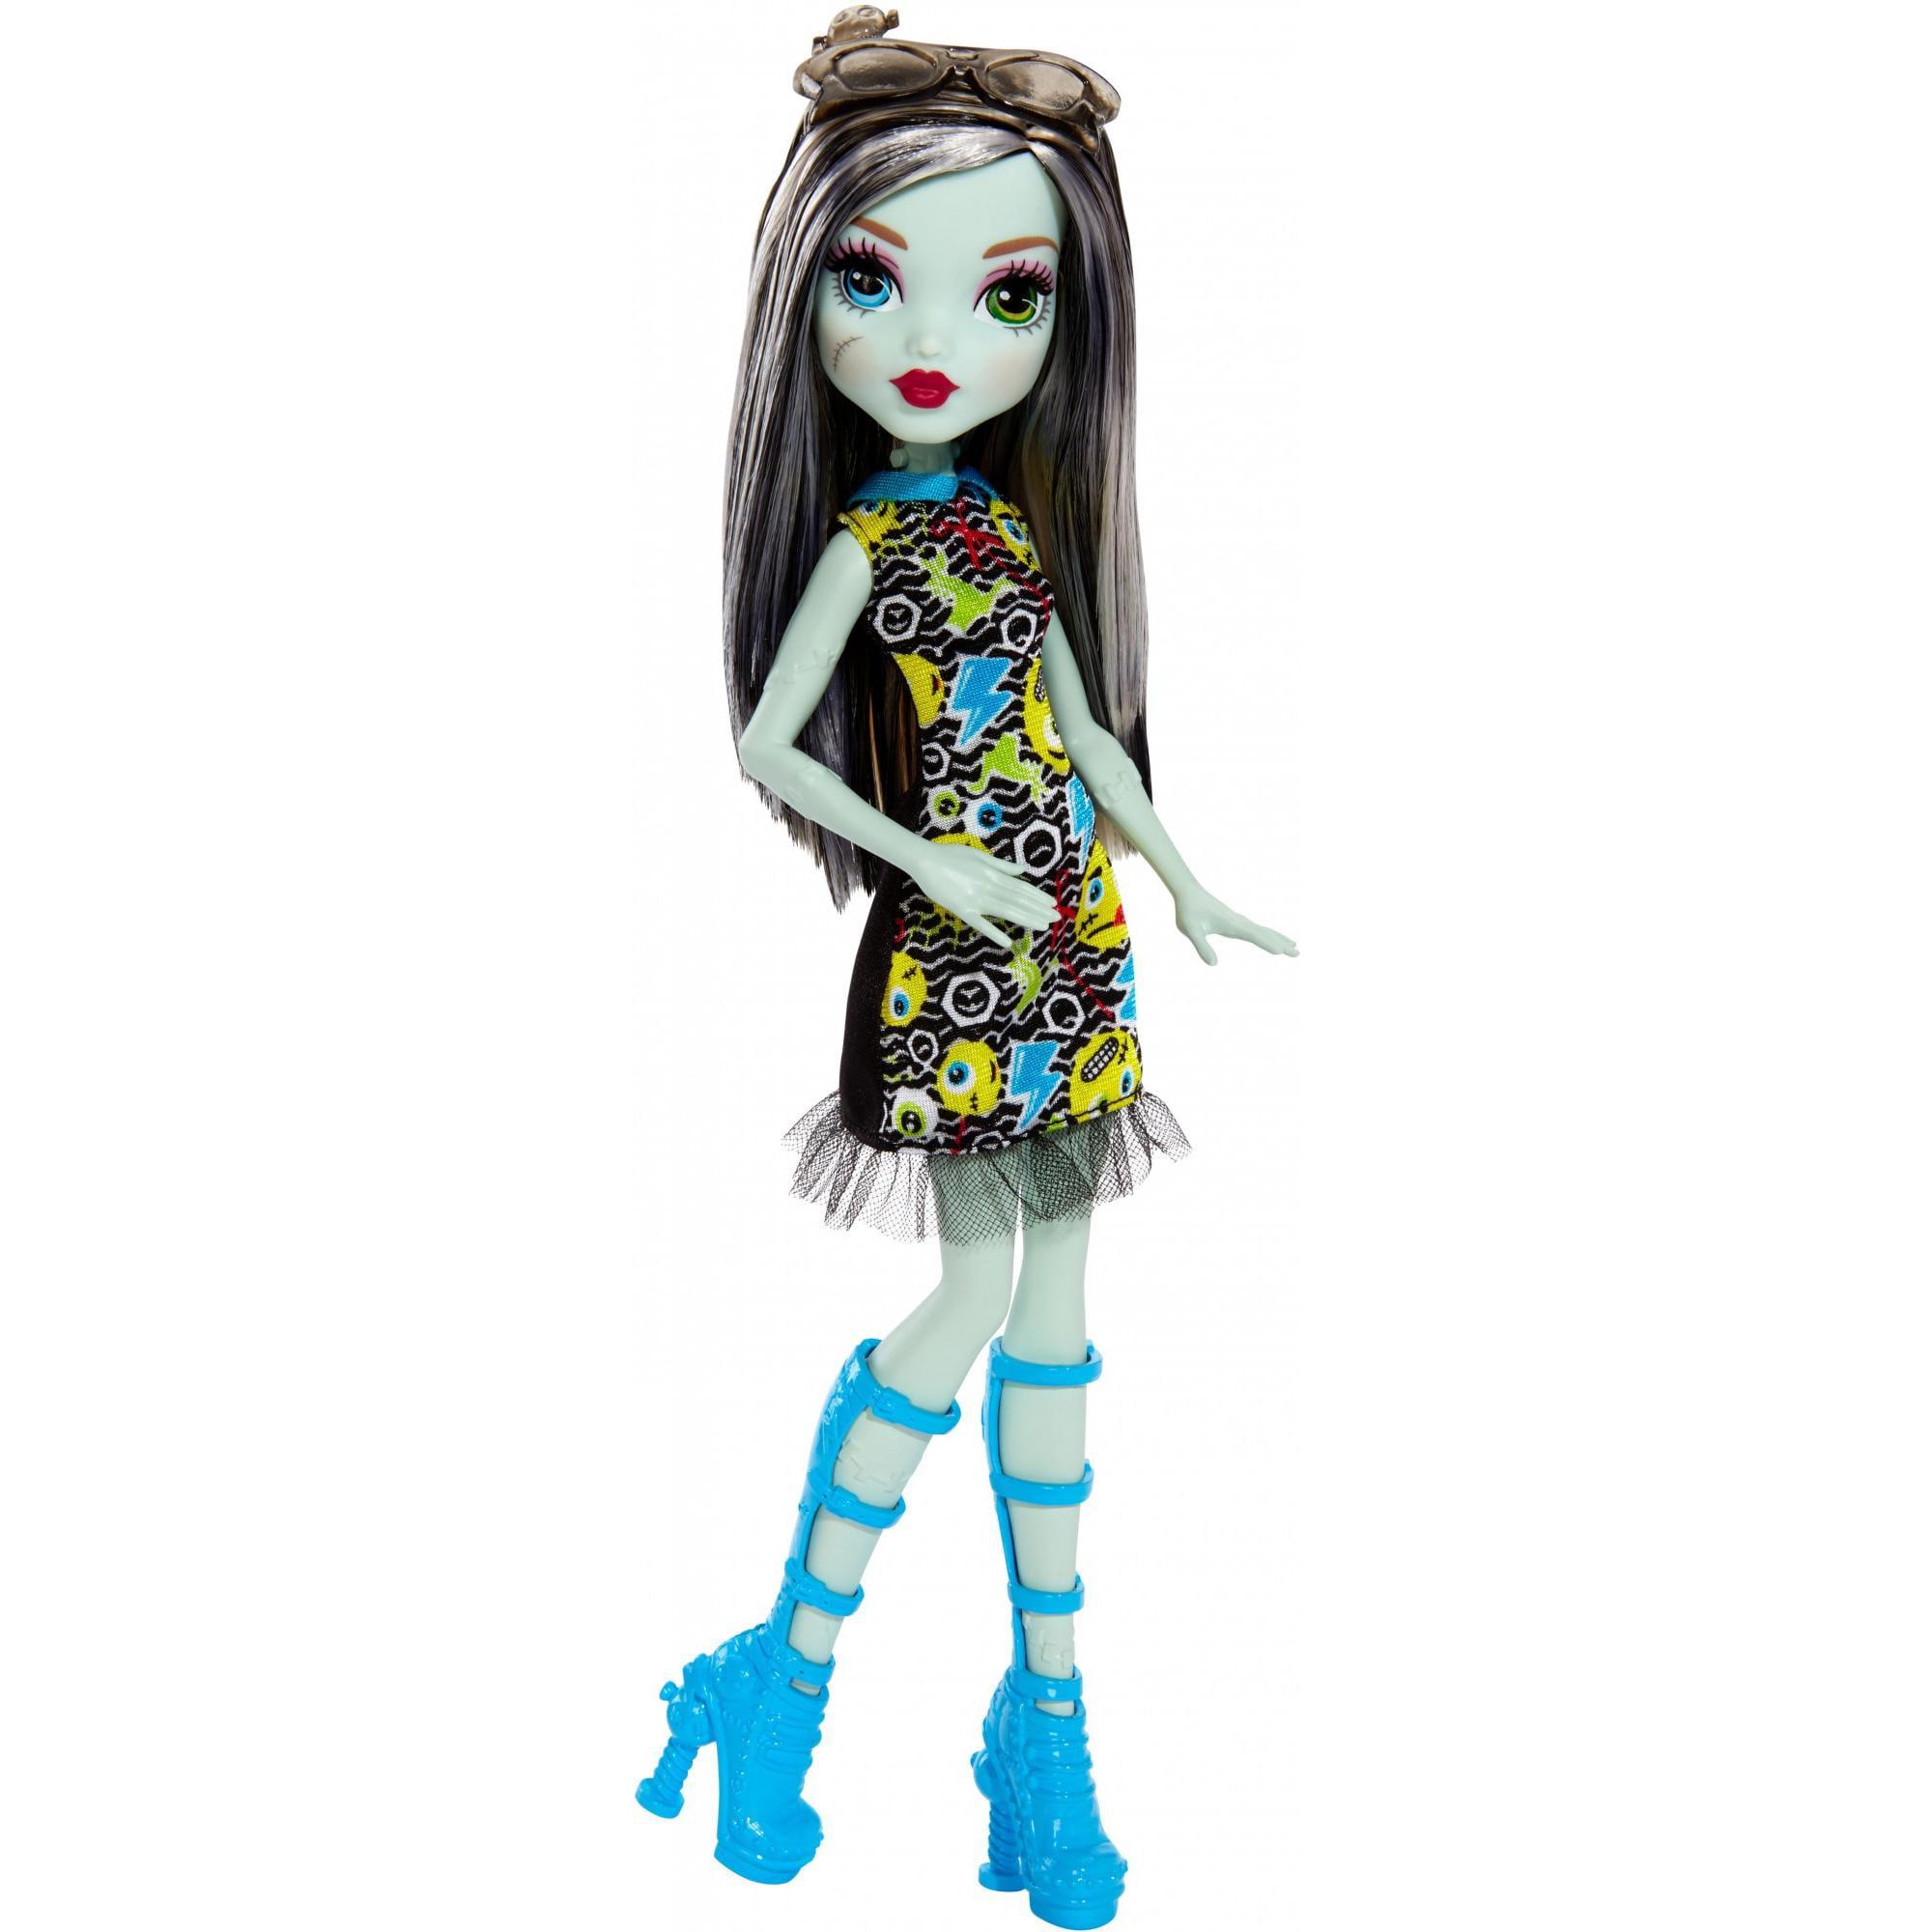 Monster High Emoji Frankie Stein Doll by MATTEL INC.